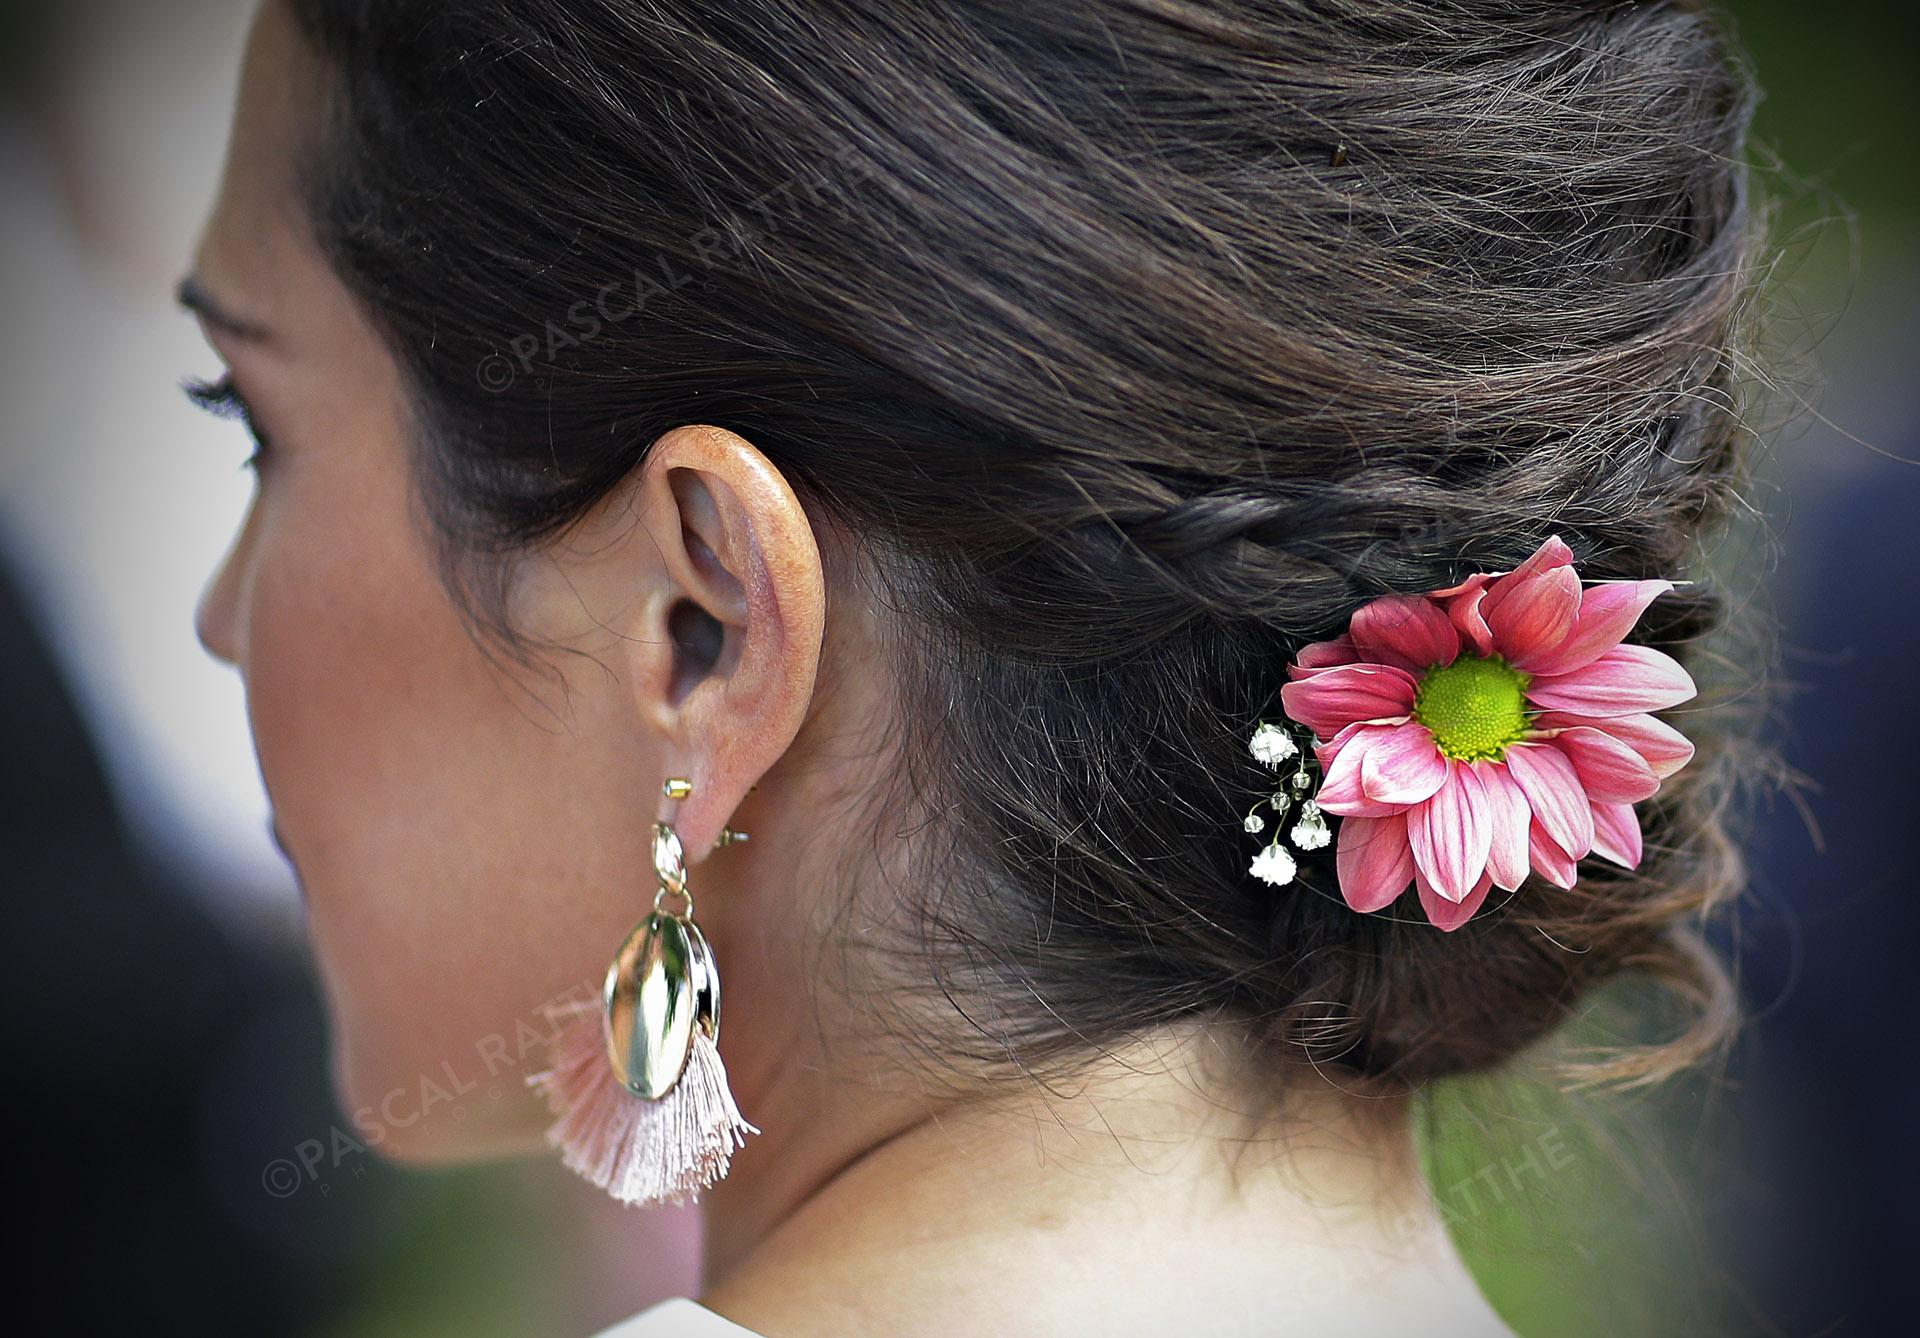 belle coiffure durant une cérémonie de mariage